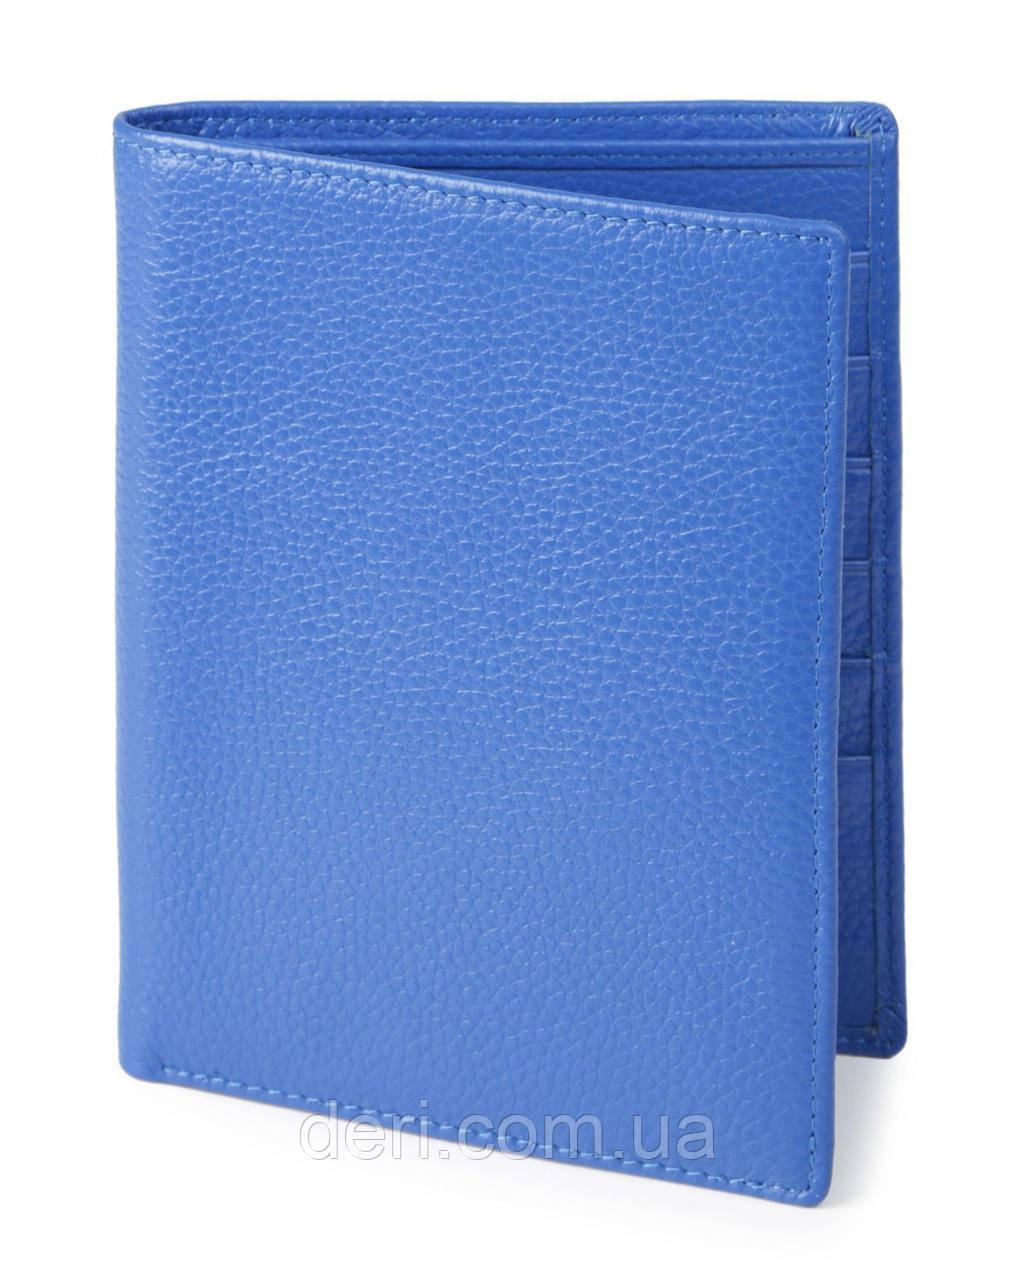 Кошелек SHVIGEL 00922 кожаный с отделениями для паспортов Голубый, Синий